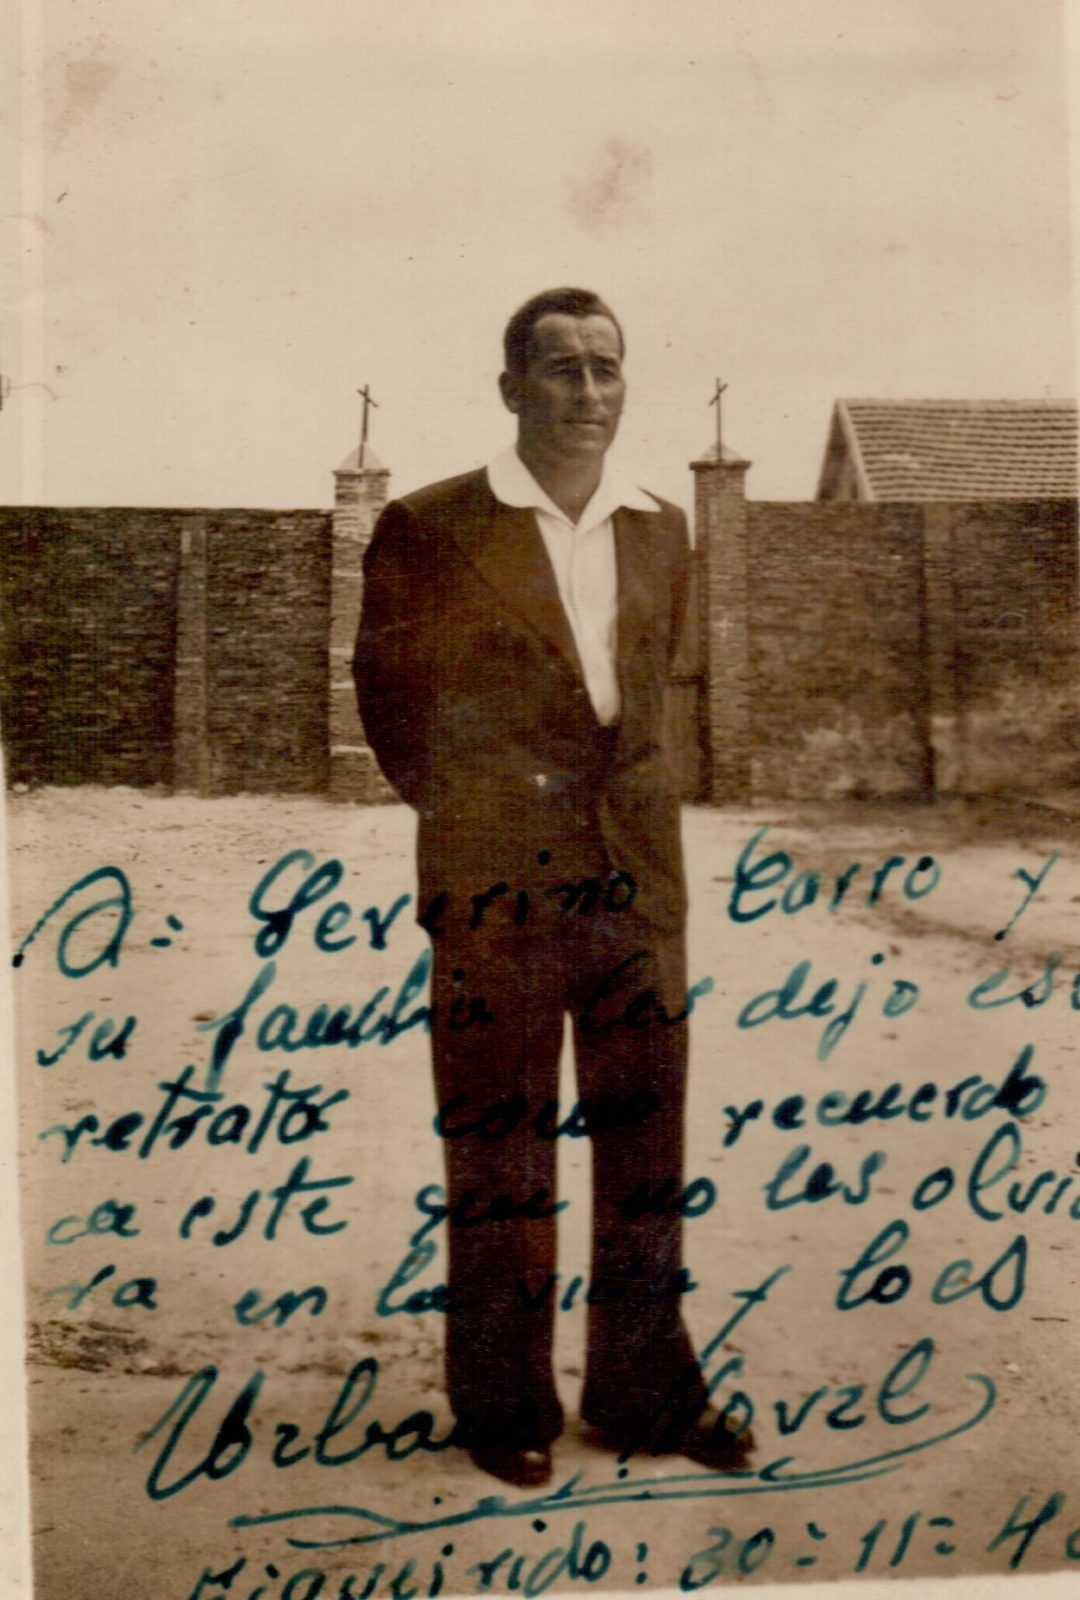 Foto dun preso en Figueirido que mandou en agradecemento ao pai de Lali